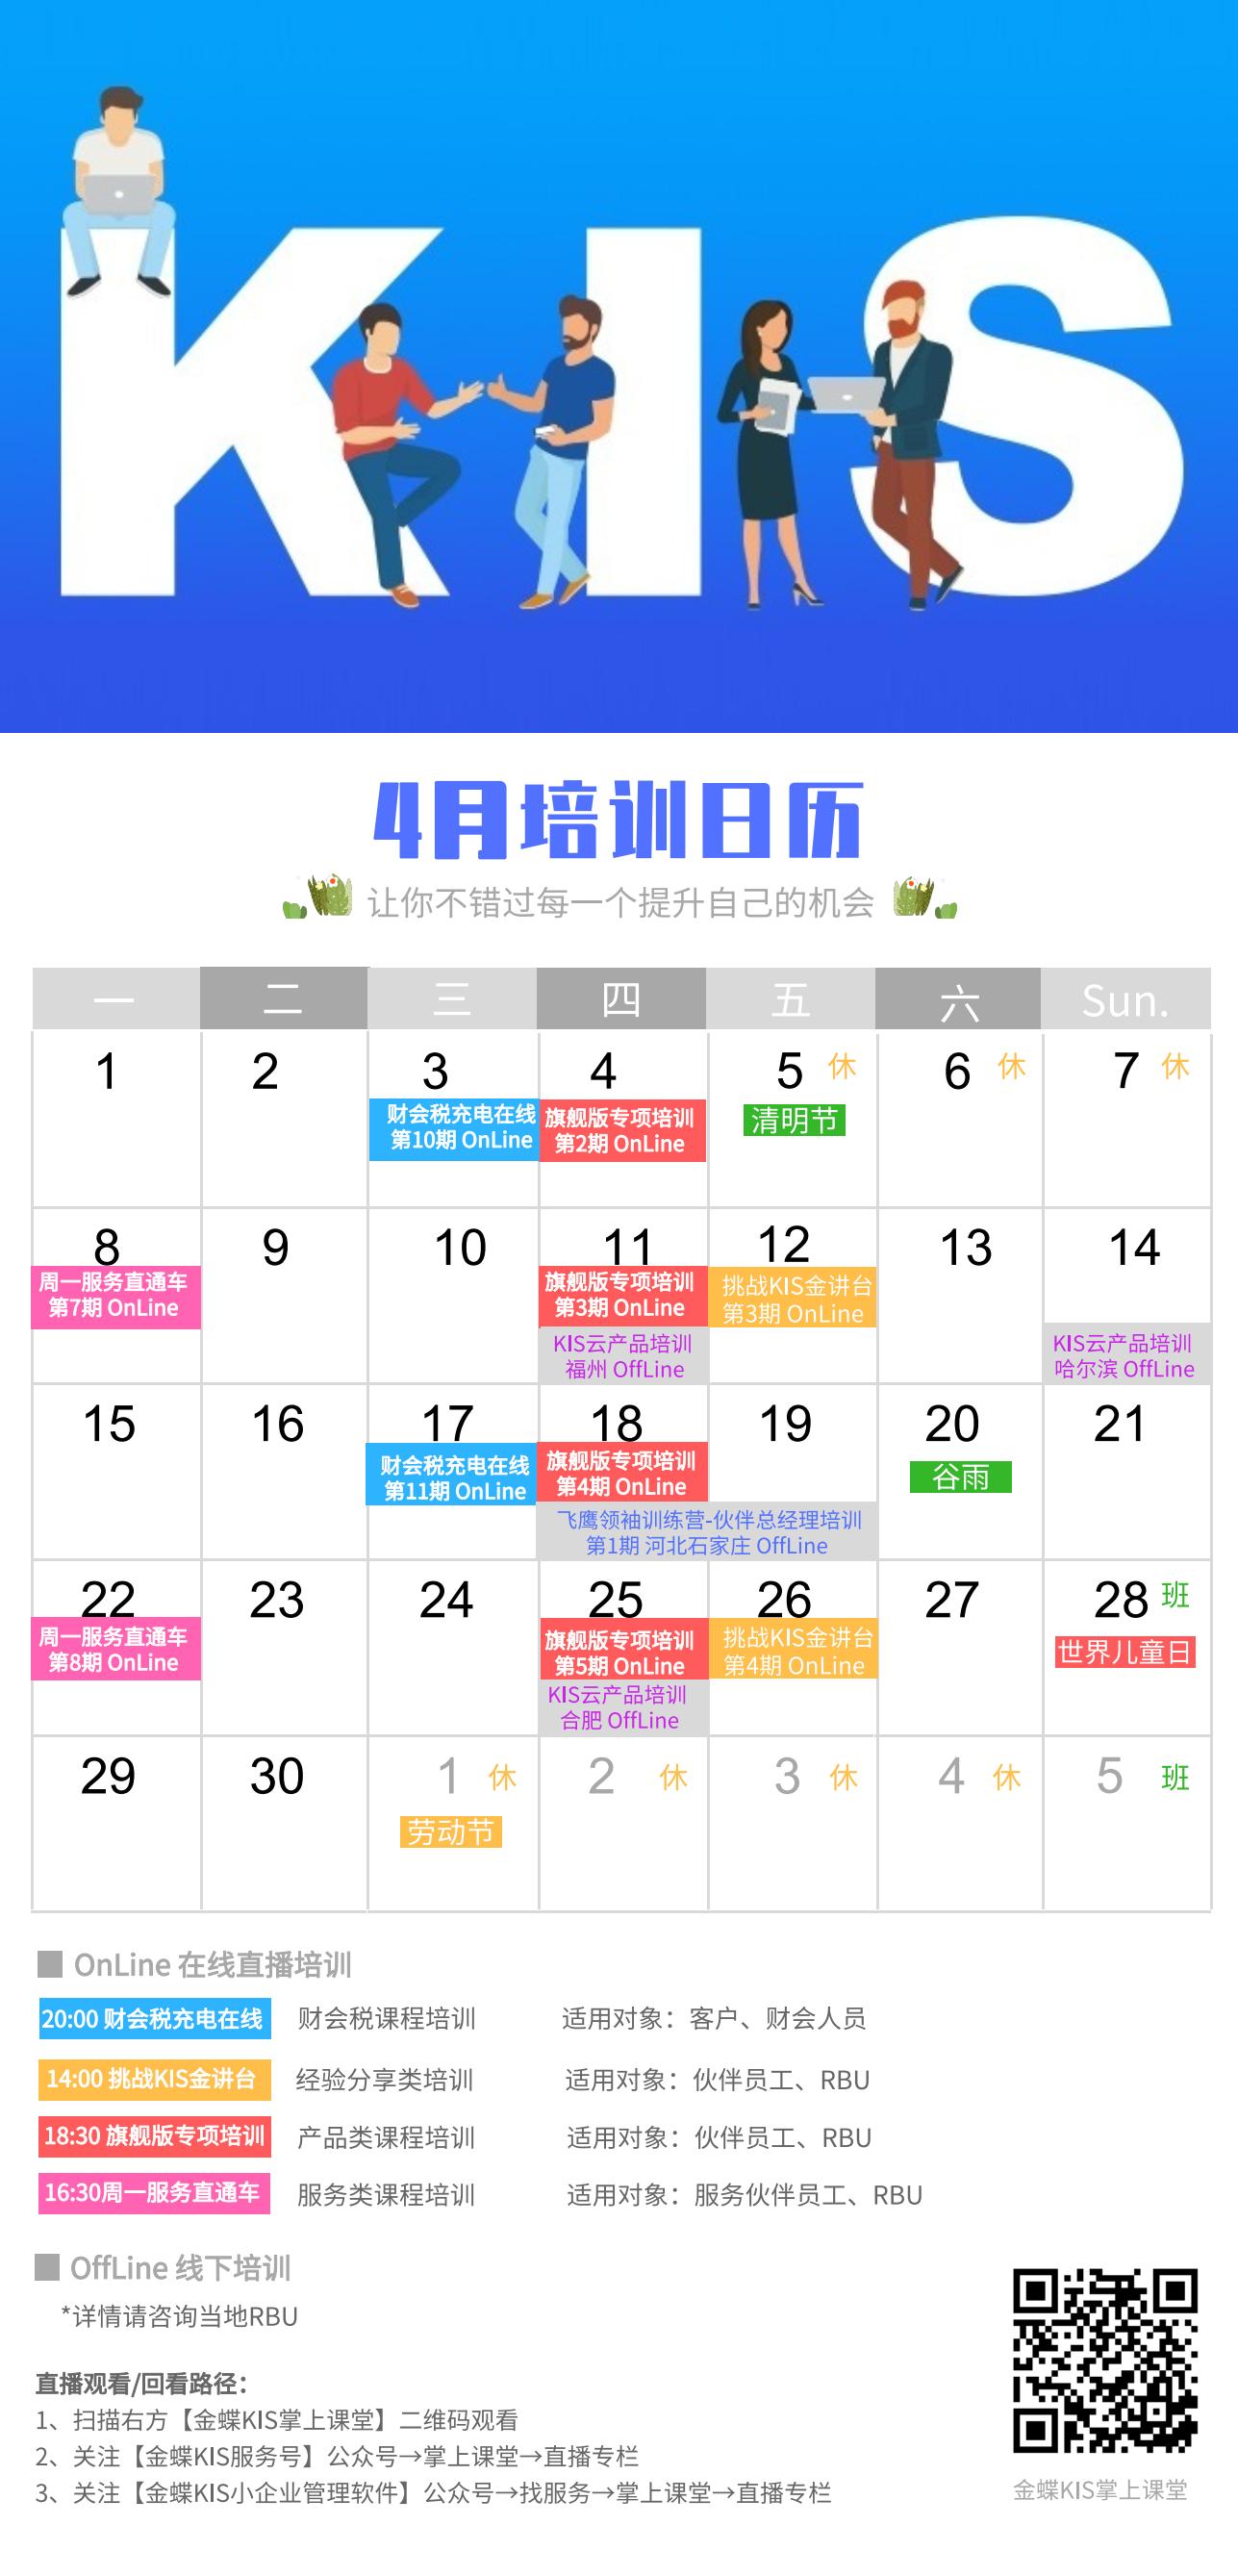 【4月培训日历】让你不错过每一次提升的机会